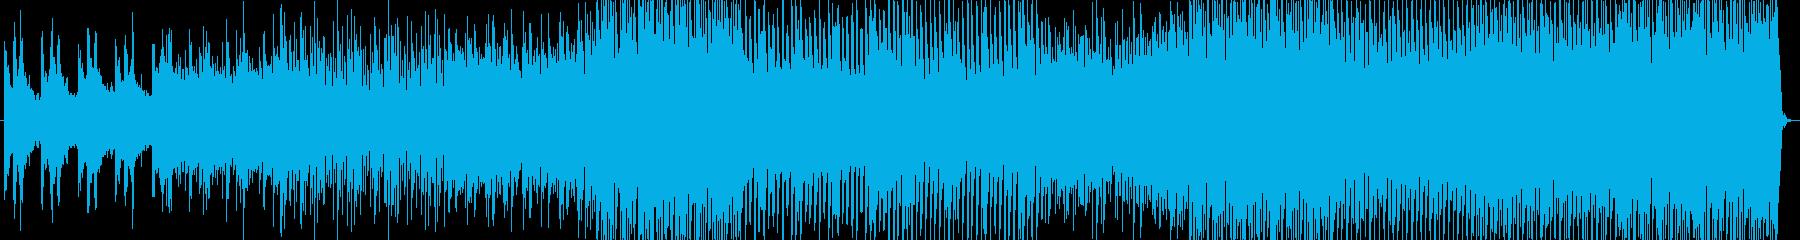 夏の海辺をイメージしたトロピカルなBGMの再生済みの波形